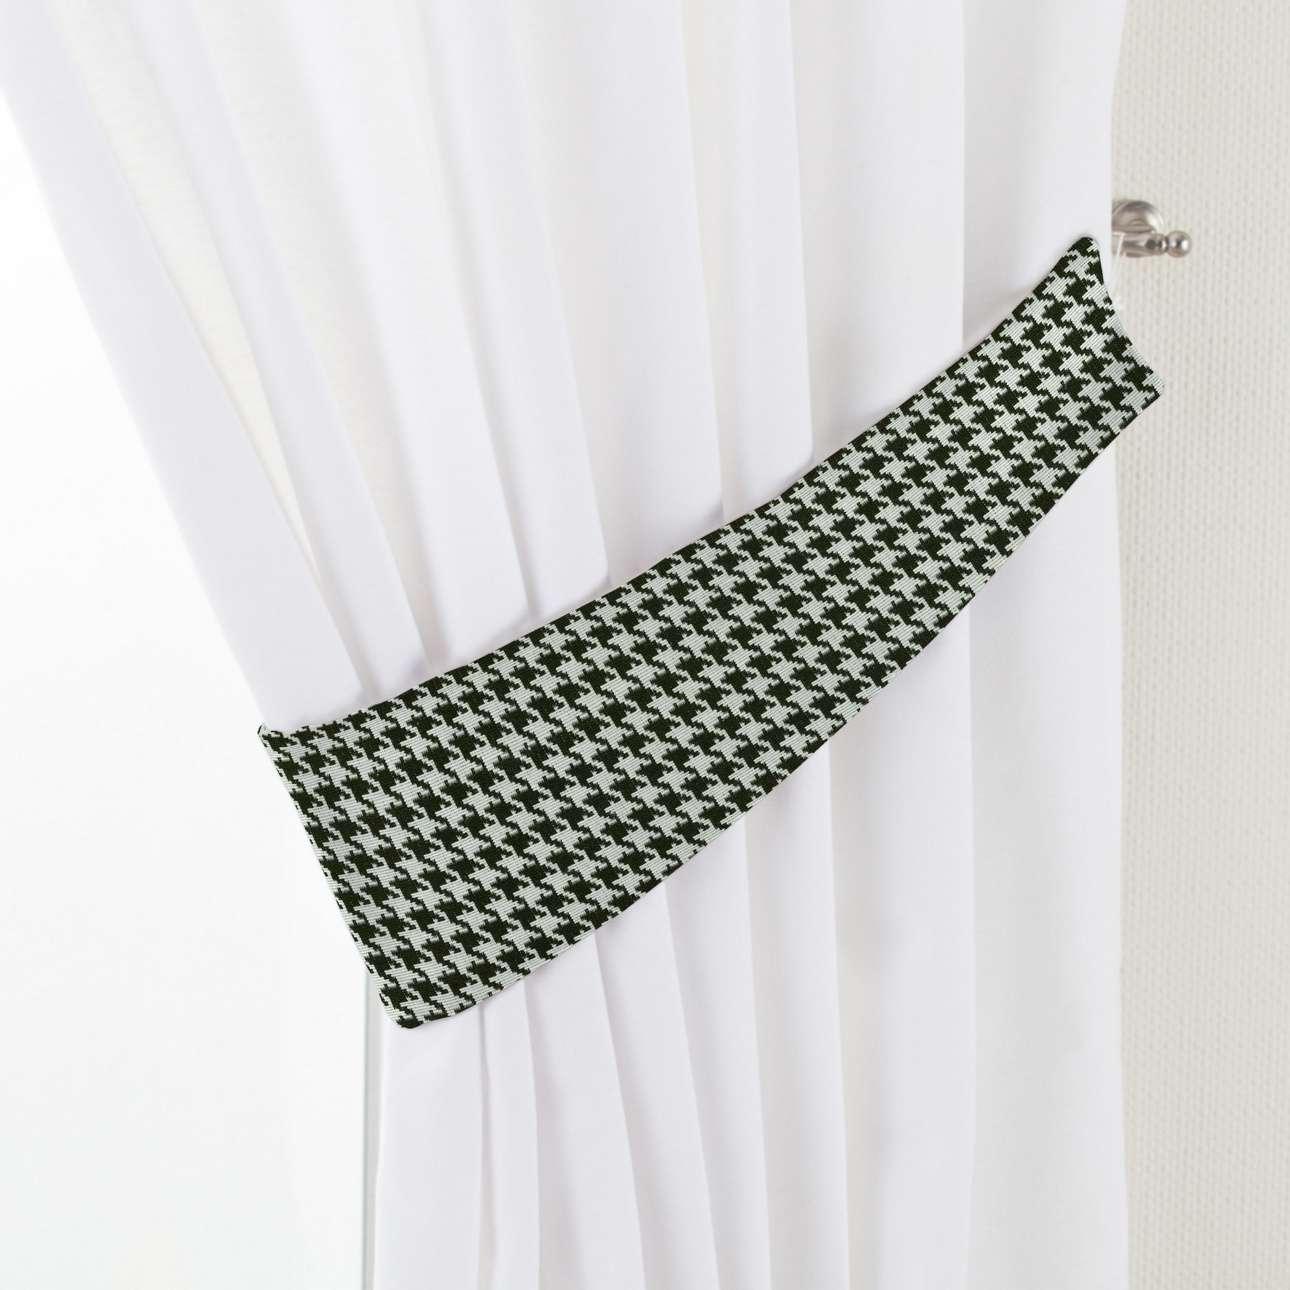 Úchyt Victoria, 1ks V kolekcii Black & White, tkanina: 142-77